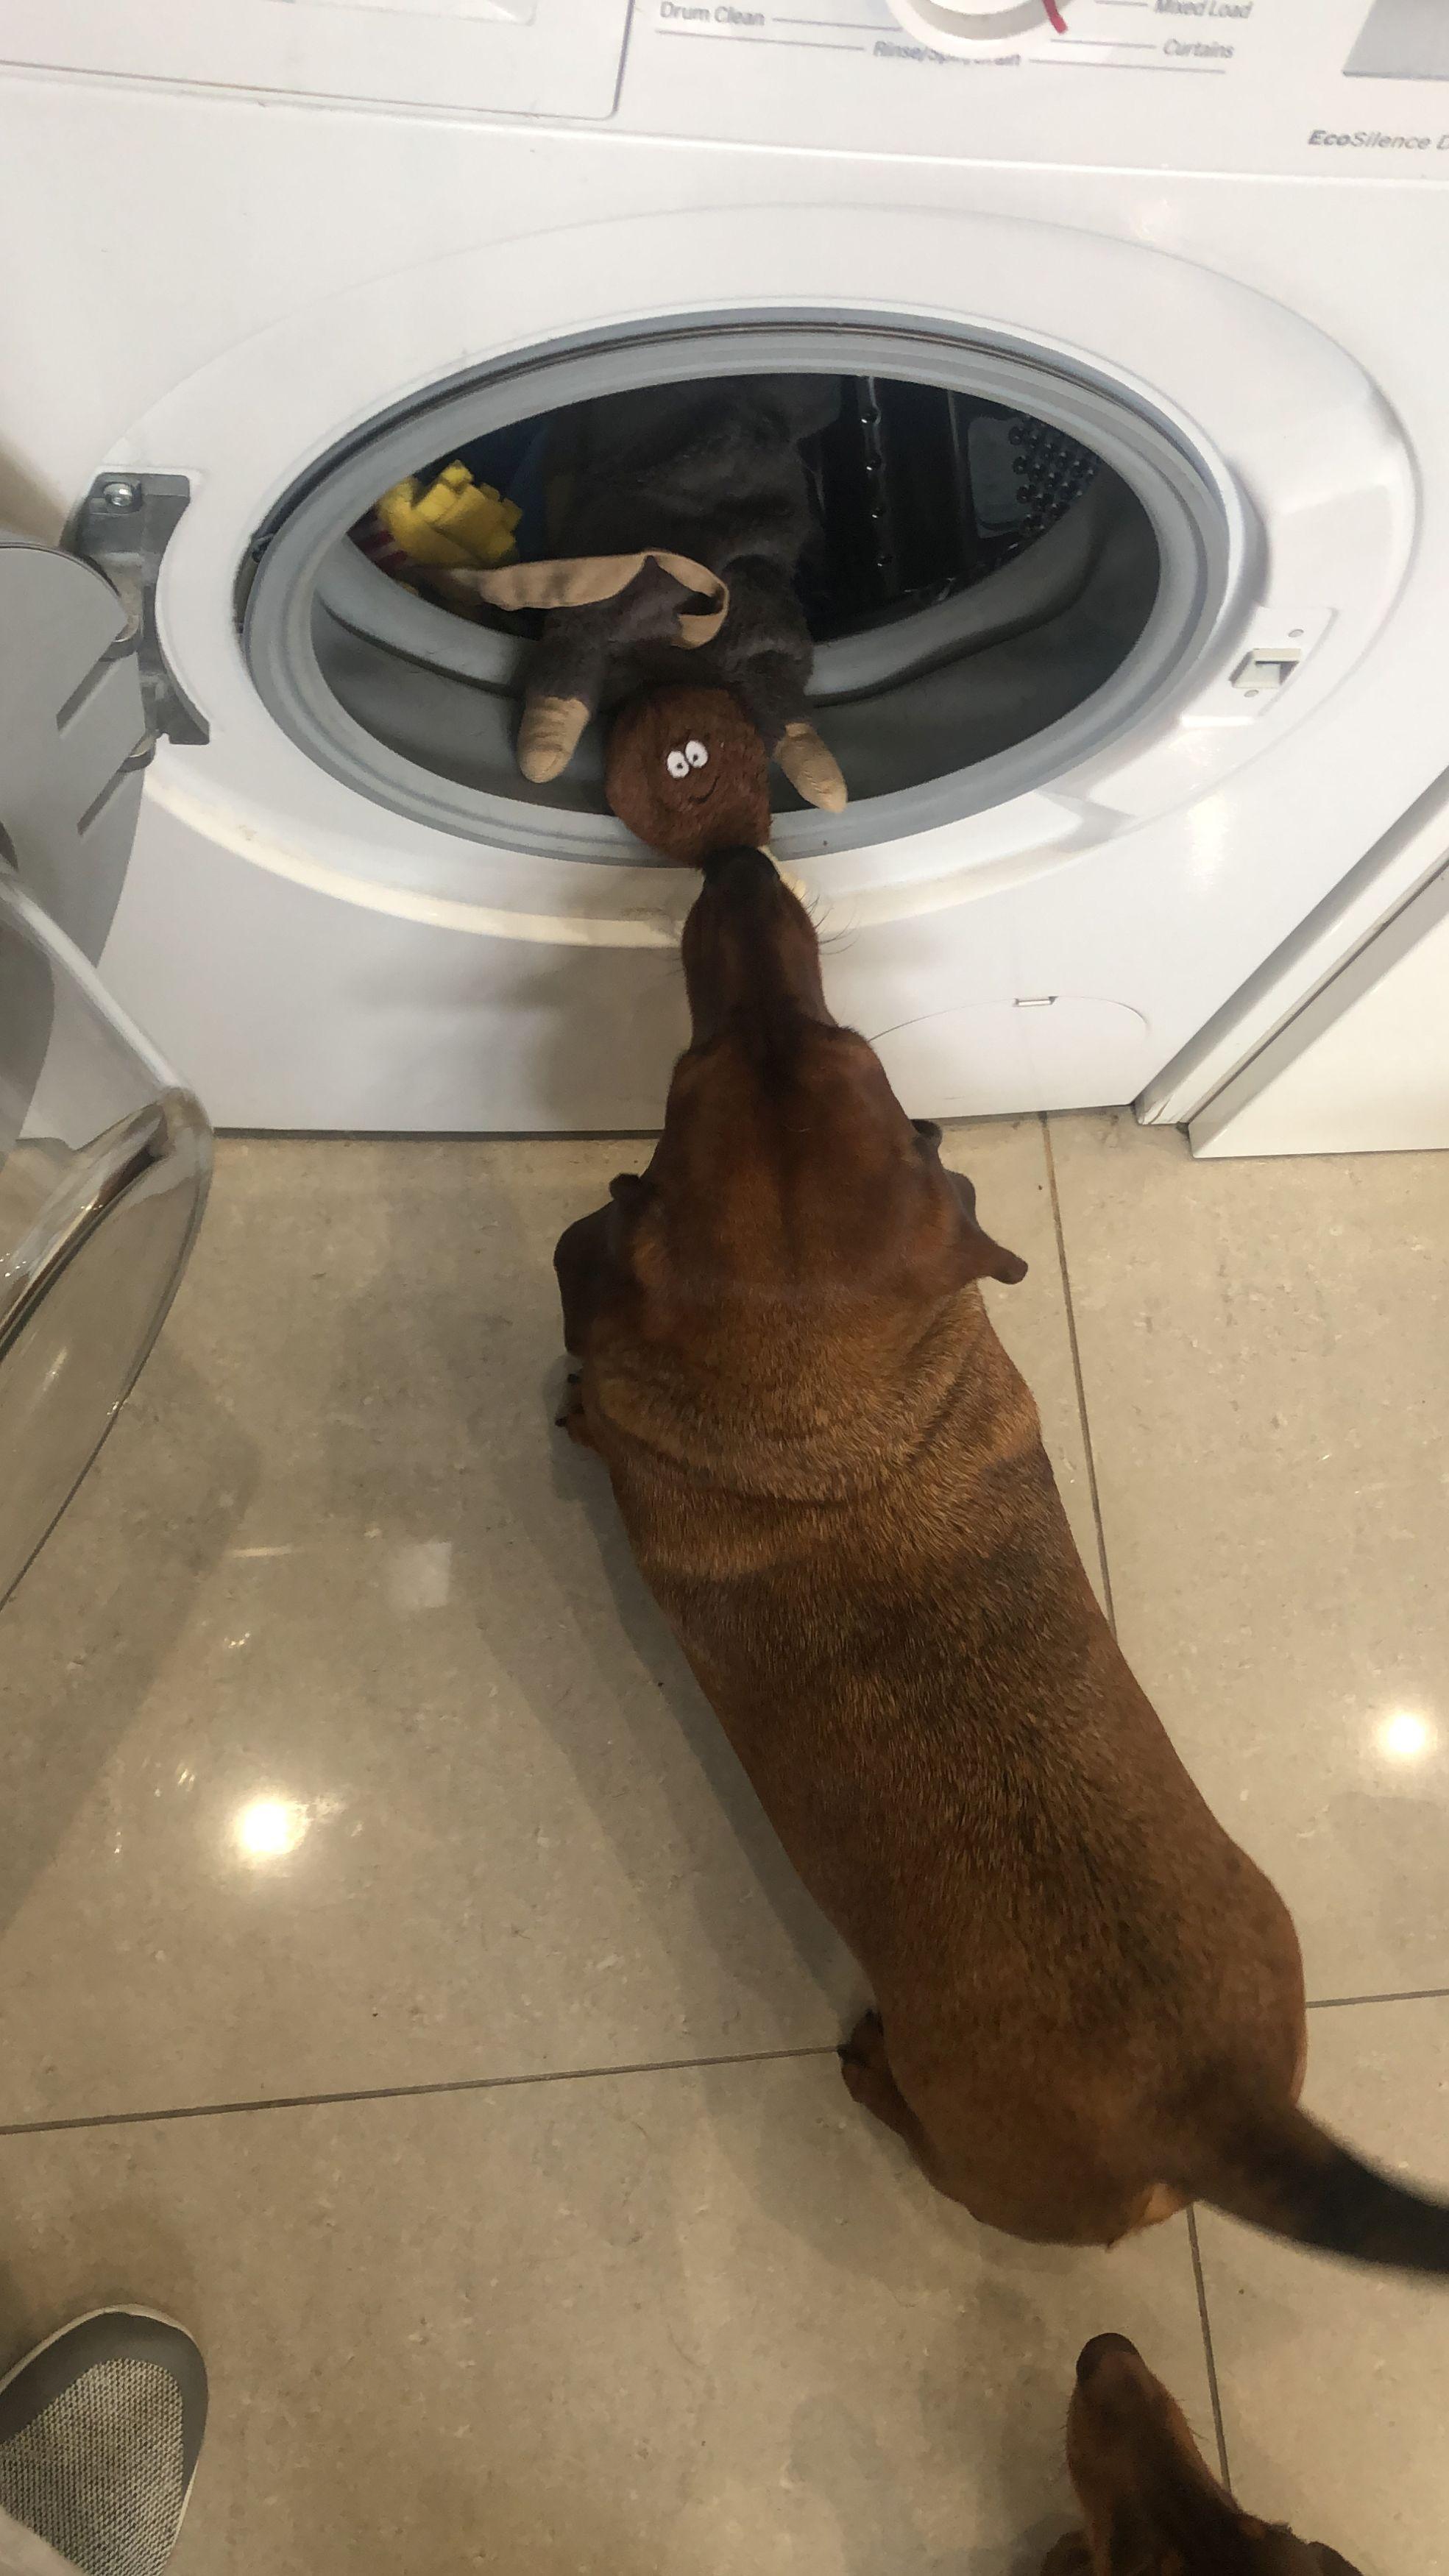 ▲▼臘腸犬的雞腿玩具。(圖/翻攝自Mirror)